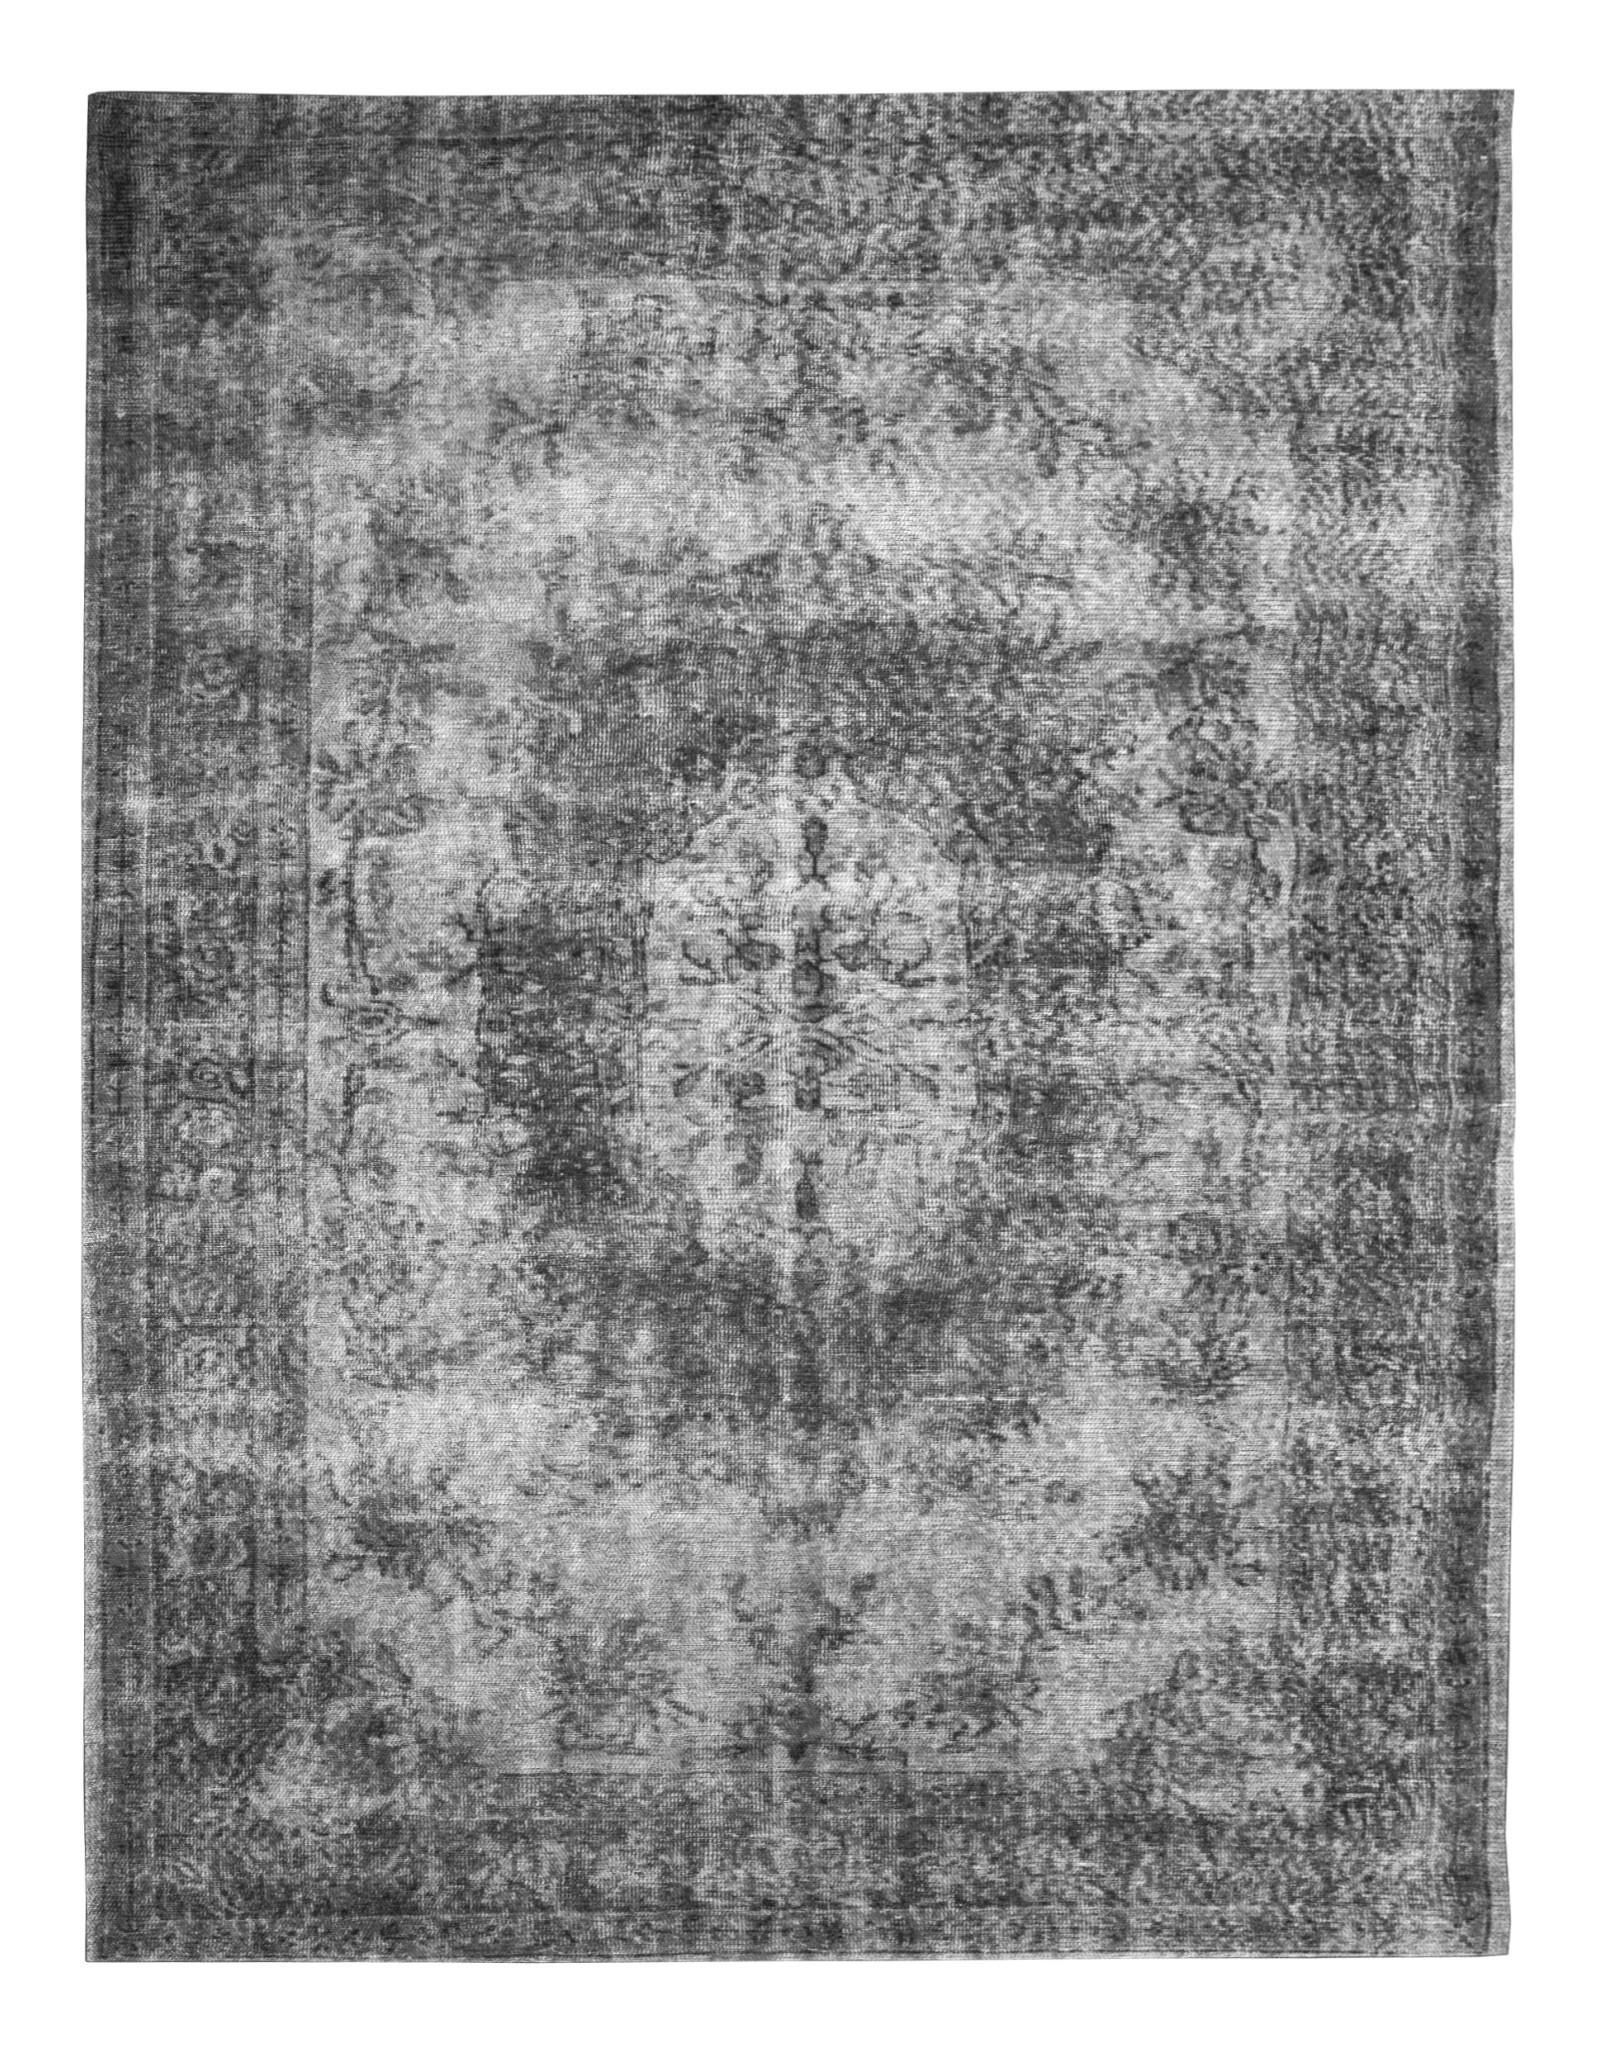 Vloerkleed Fiore 160 x 230 cm - antraciet